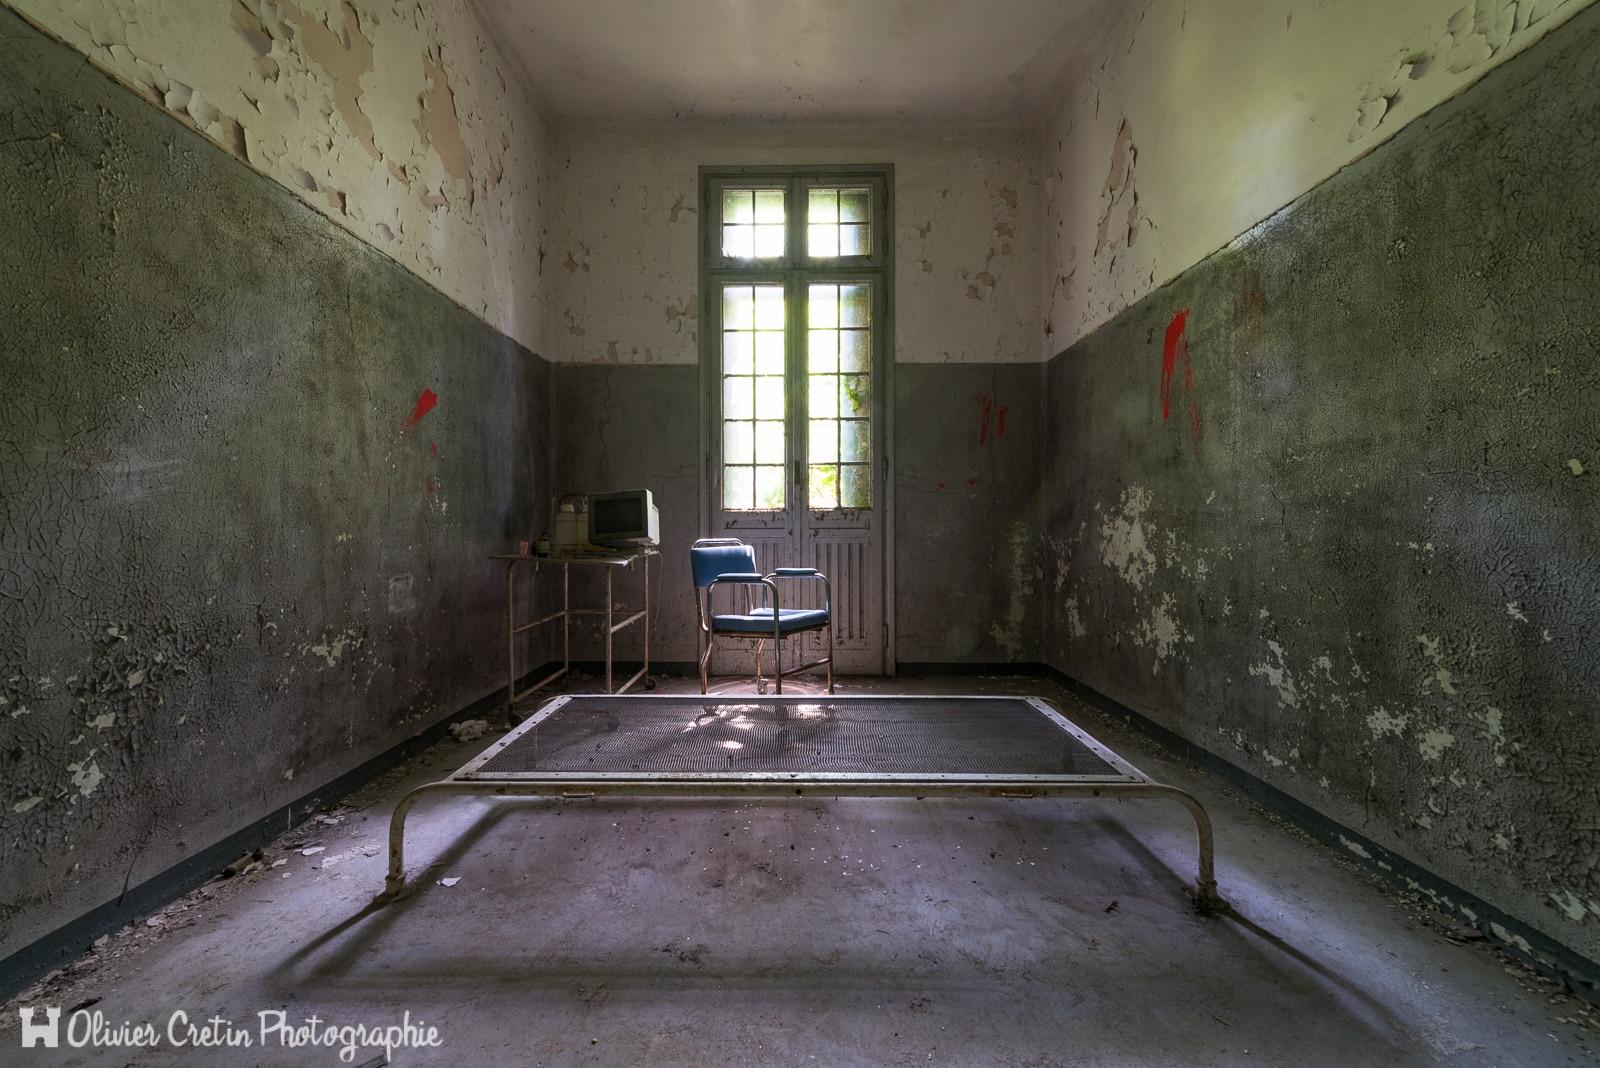 L'Hôpital psychiatrique de l'électrochoqueur (Manicomio di V)